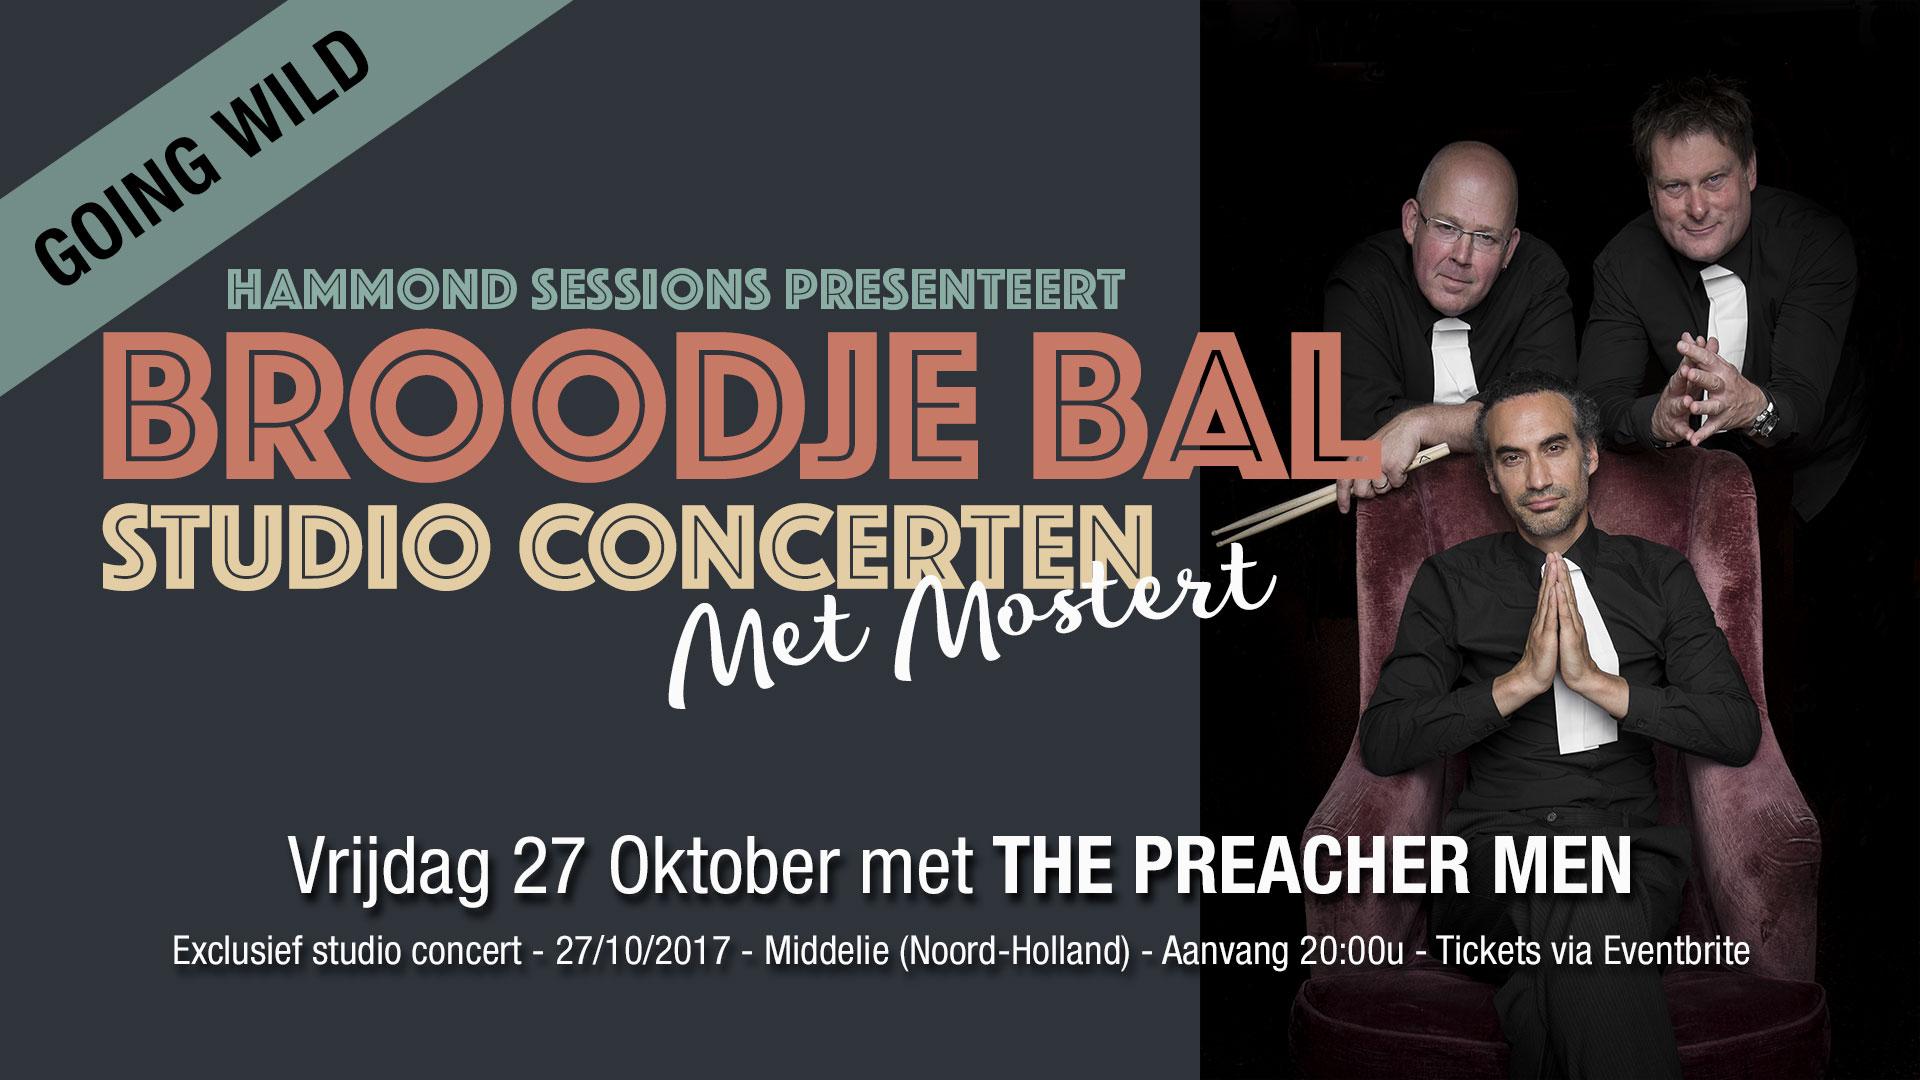 Broodje Bal concert met The Preacher Men